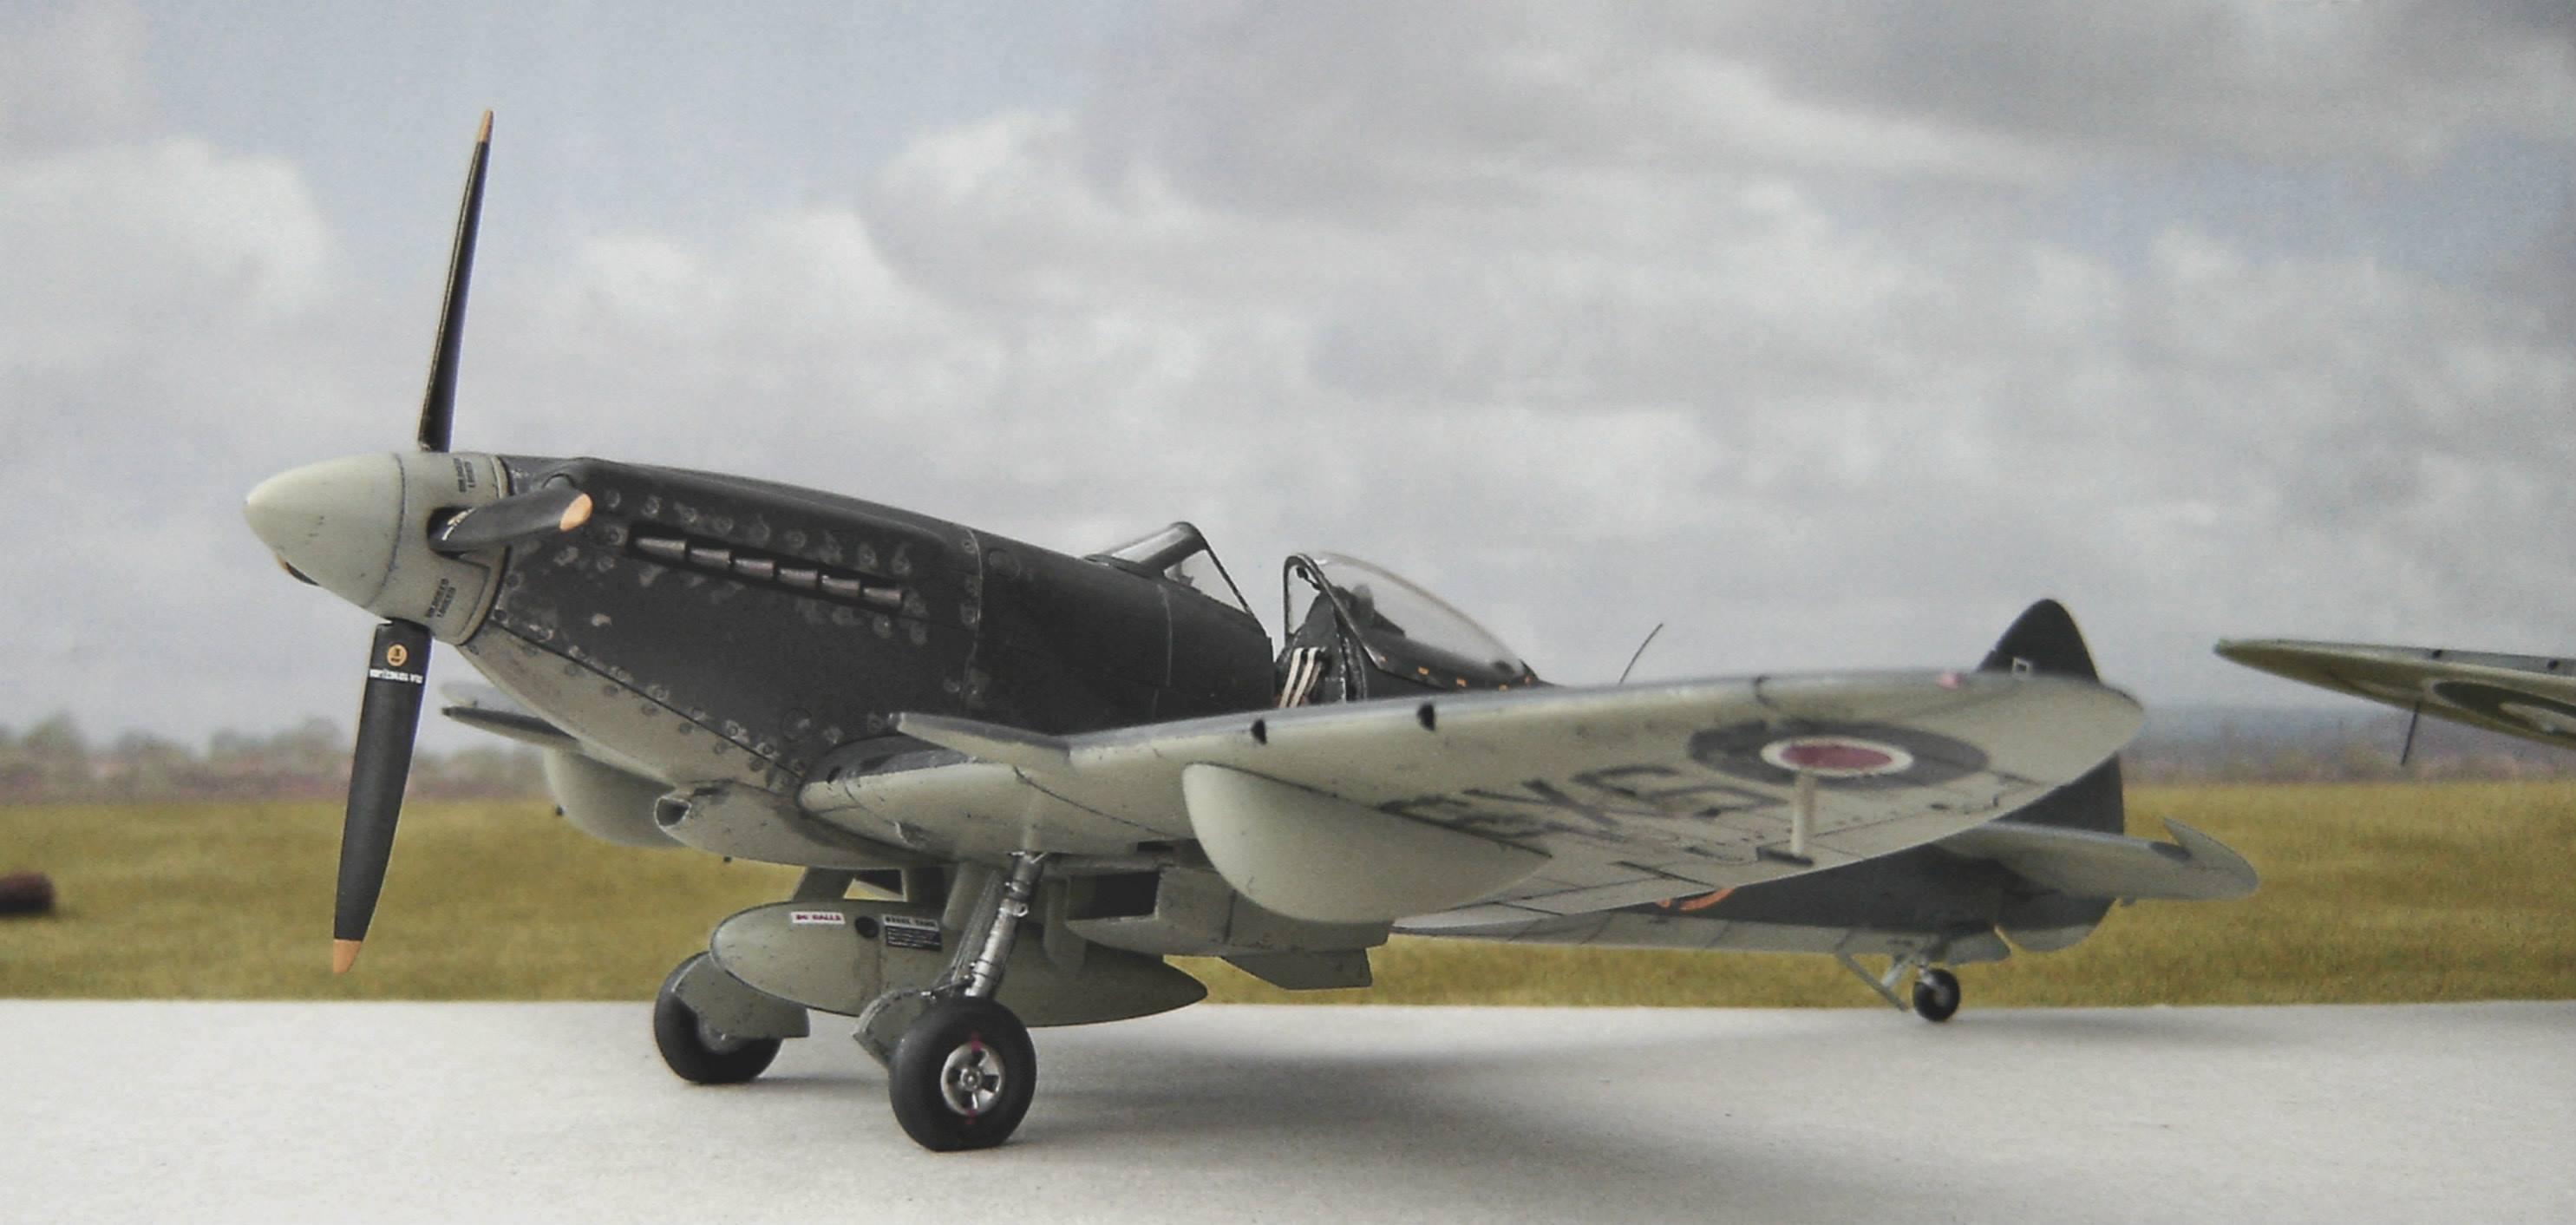 Seafire Mk XVII SX358, No 800 NAS, Fleet Air Arm on HMS Triumph and at Hal Far, Malta in 1947. Airfix kit in 1/48th scale.